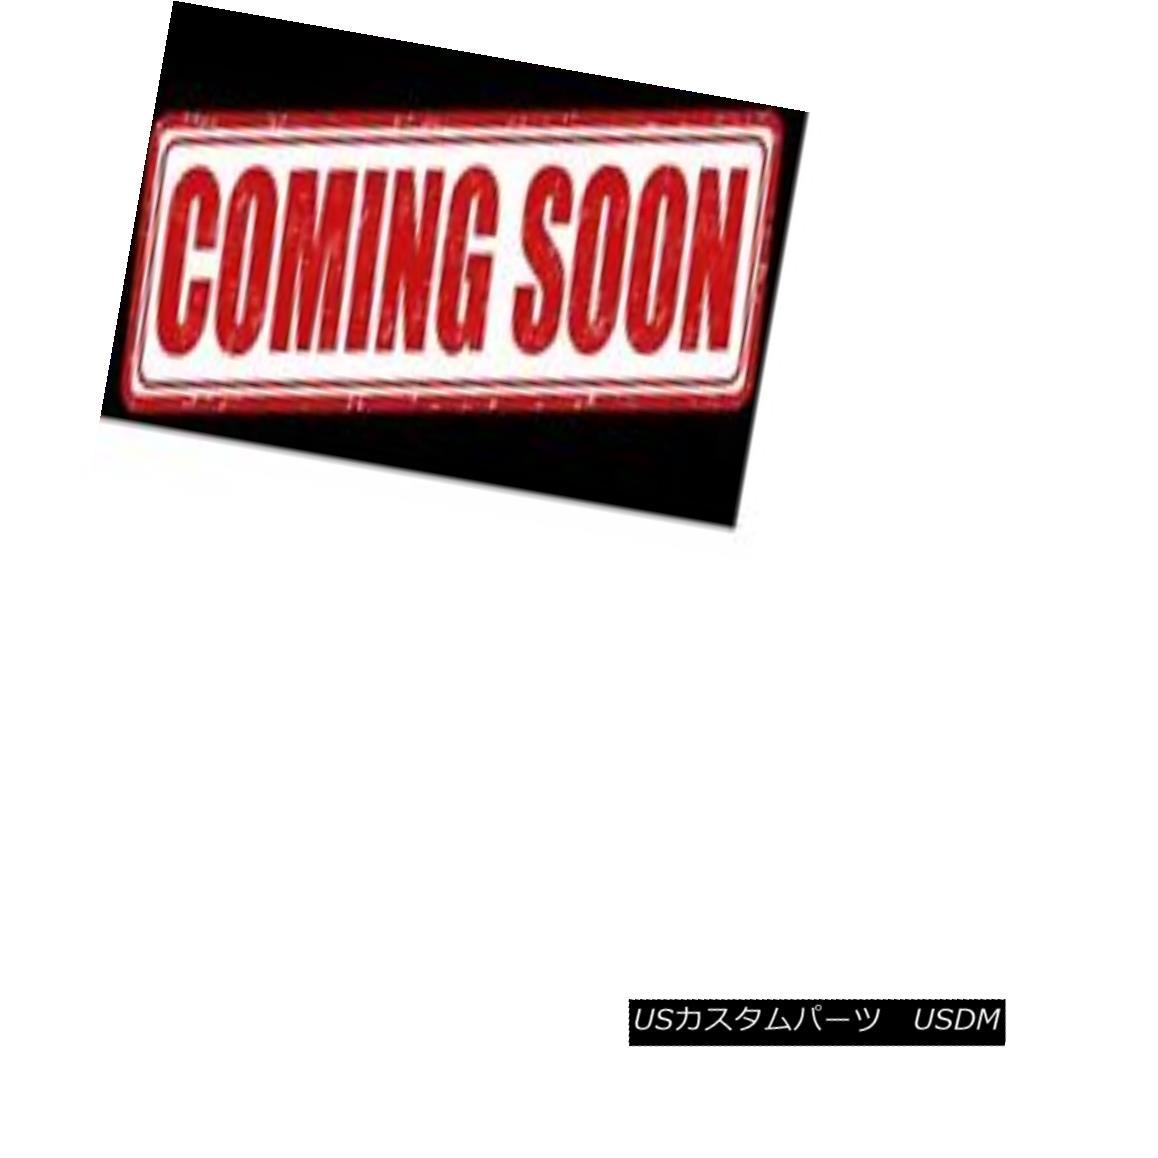 グリル ABS Overlay Grille fits 2018 GMC Terrain-Gloss Black - TCWABS6482B ABSオーバーレイグリルは2018 GMCテレイングロスブラックに適合します - TCWABS6482B